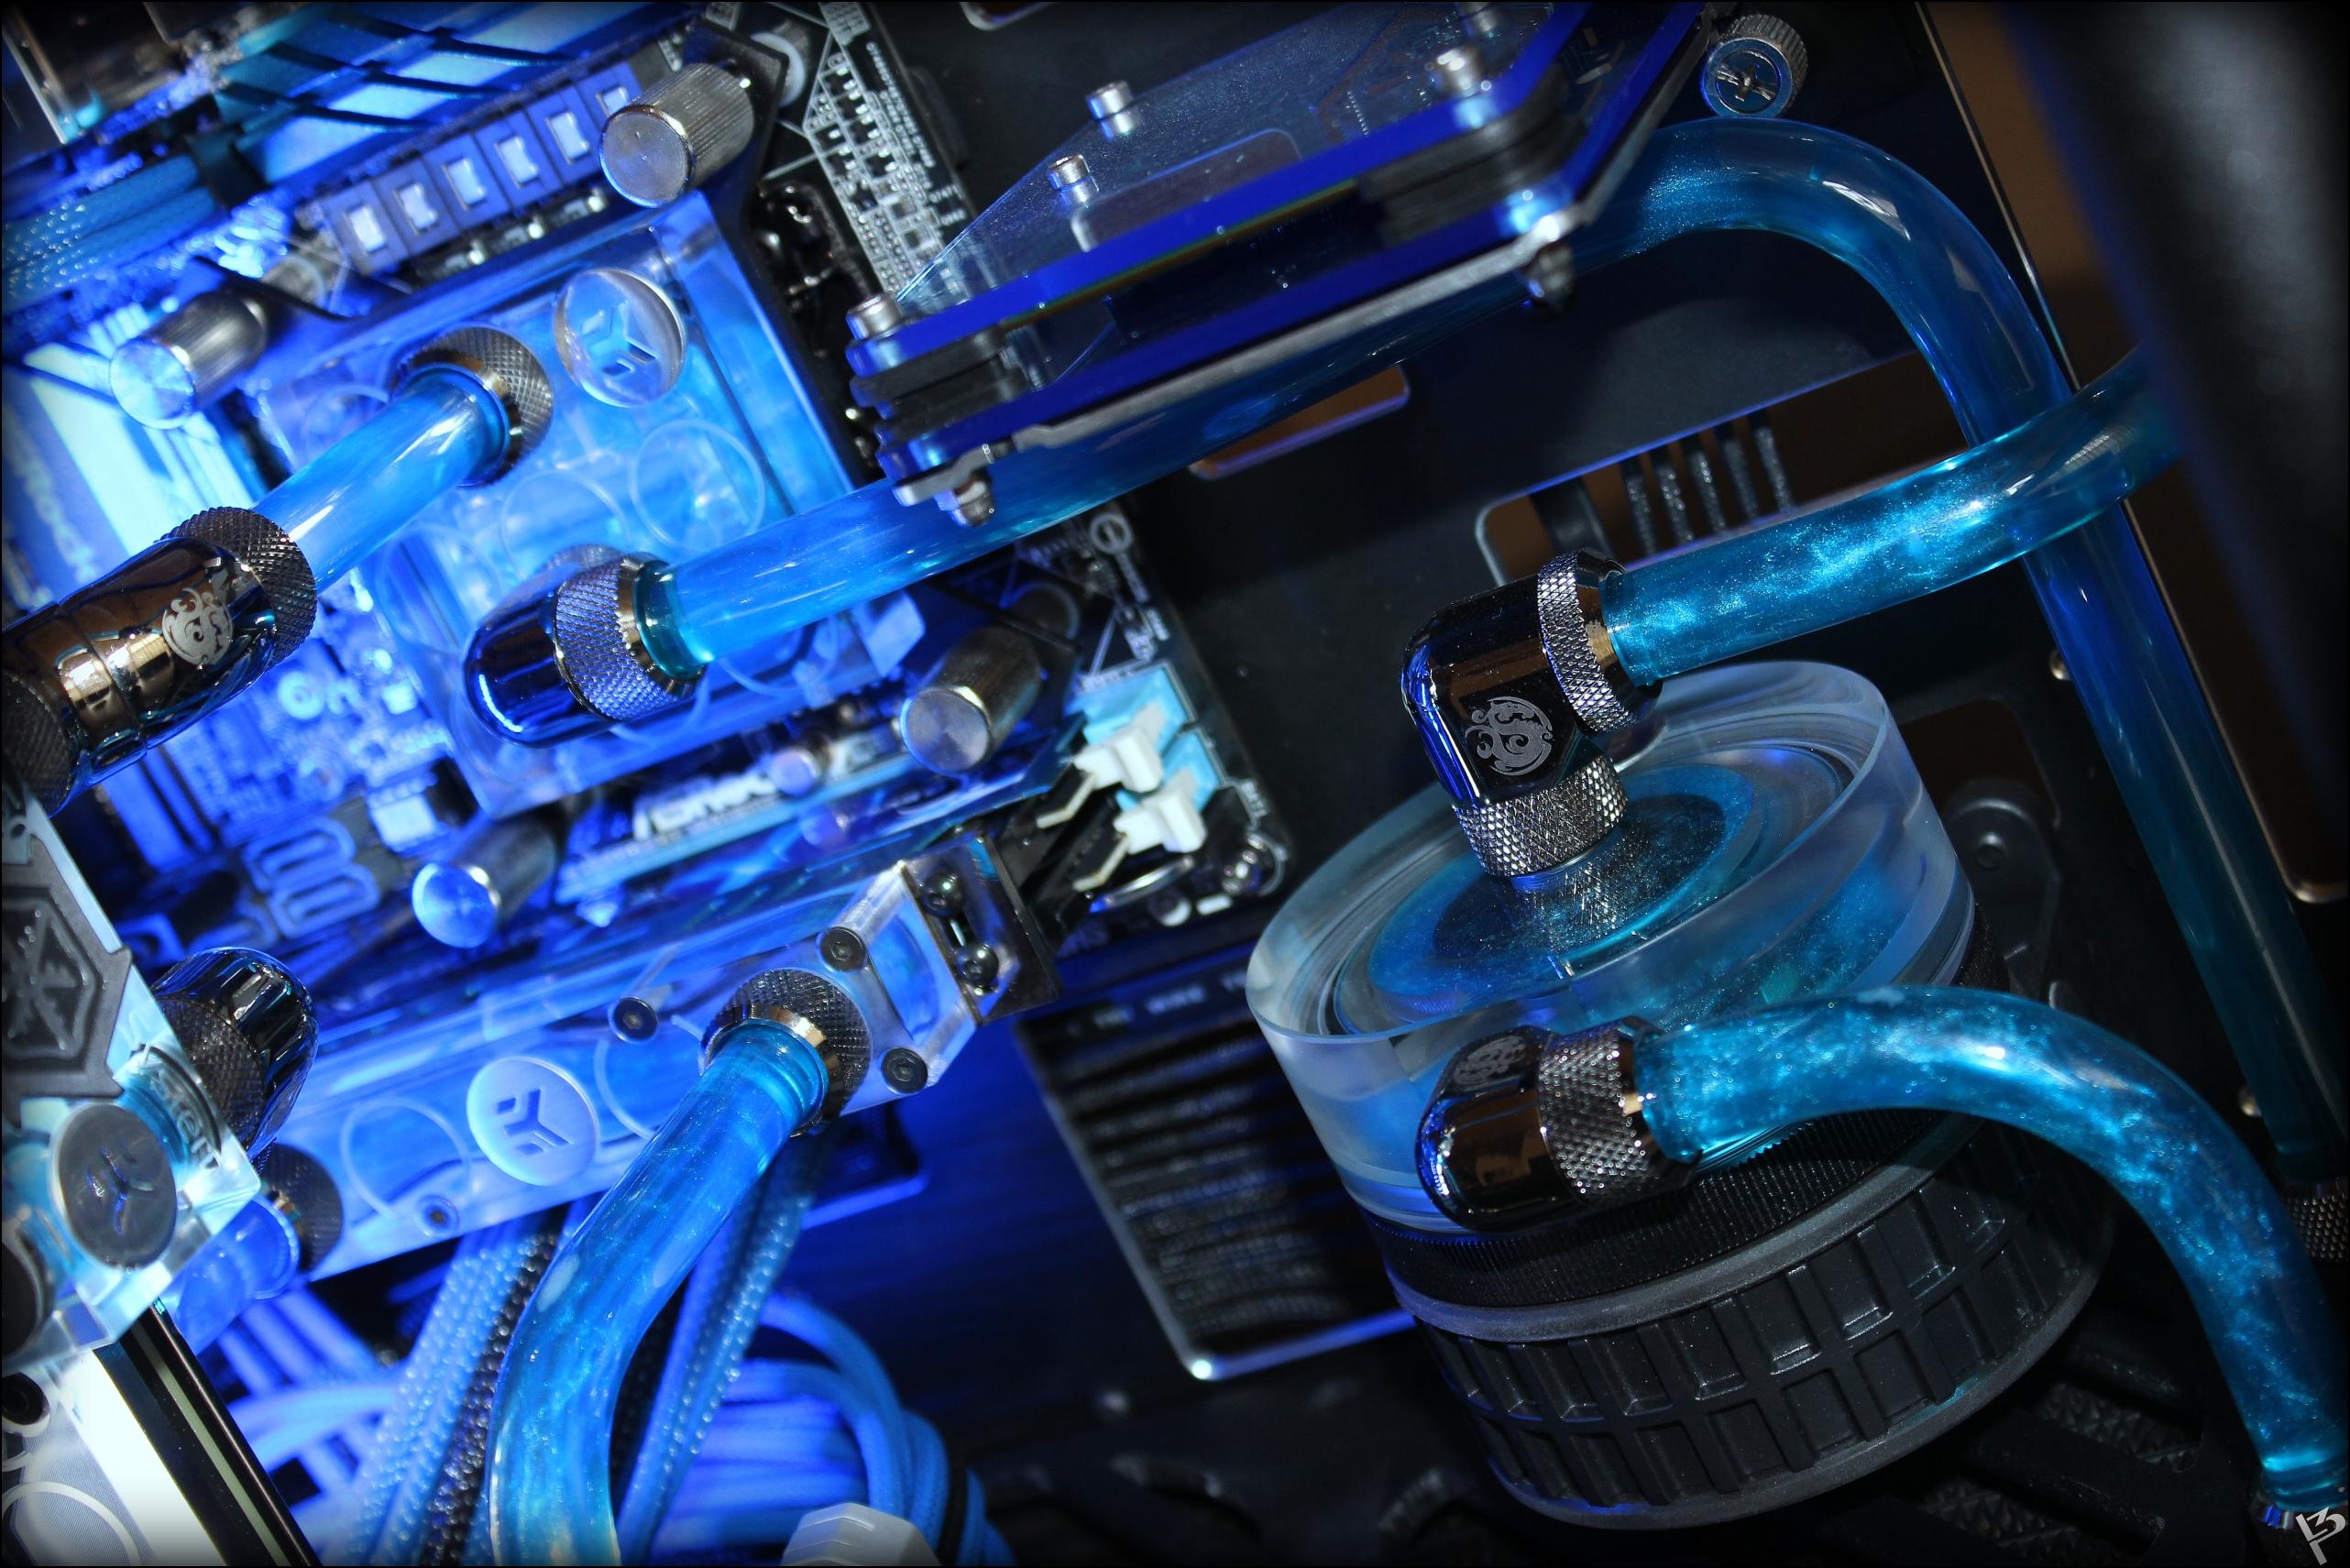 Система жидкостного охлаждения для видеокарт id-cooling icekimo 240vga: минус тридцать / корпуса, бп и охлаждение